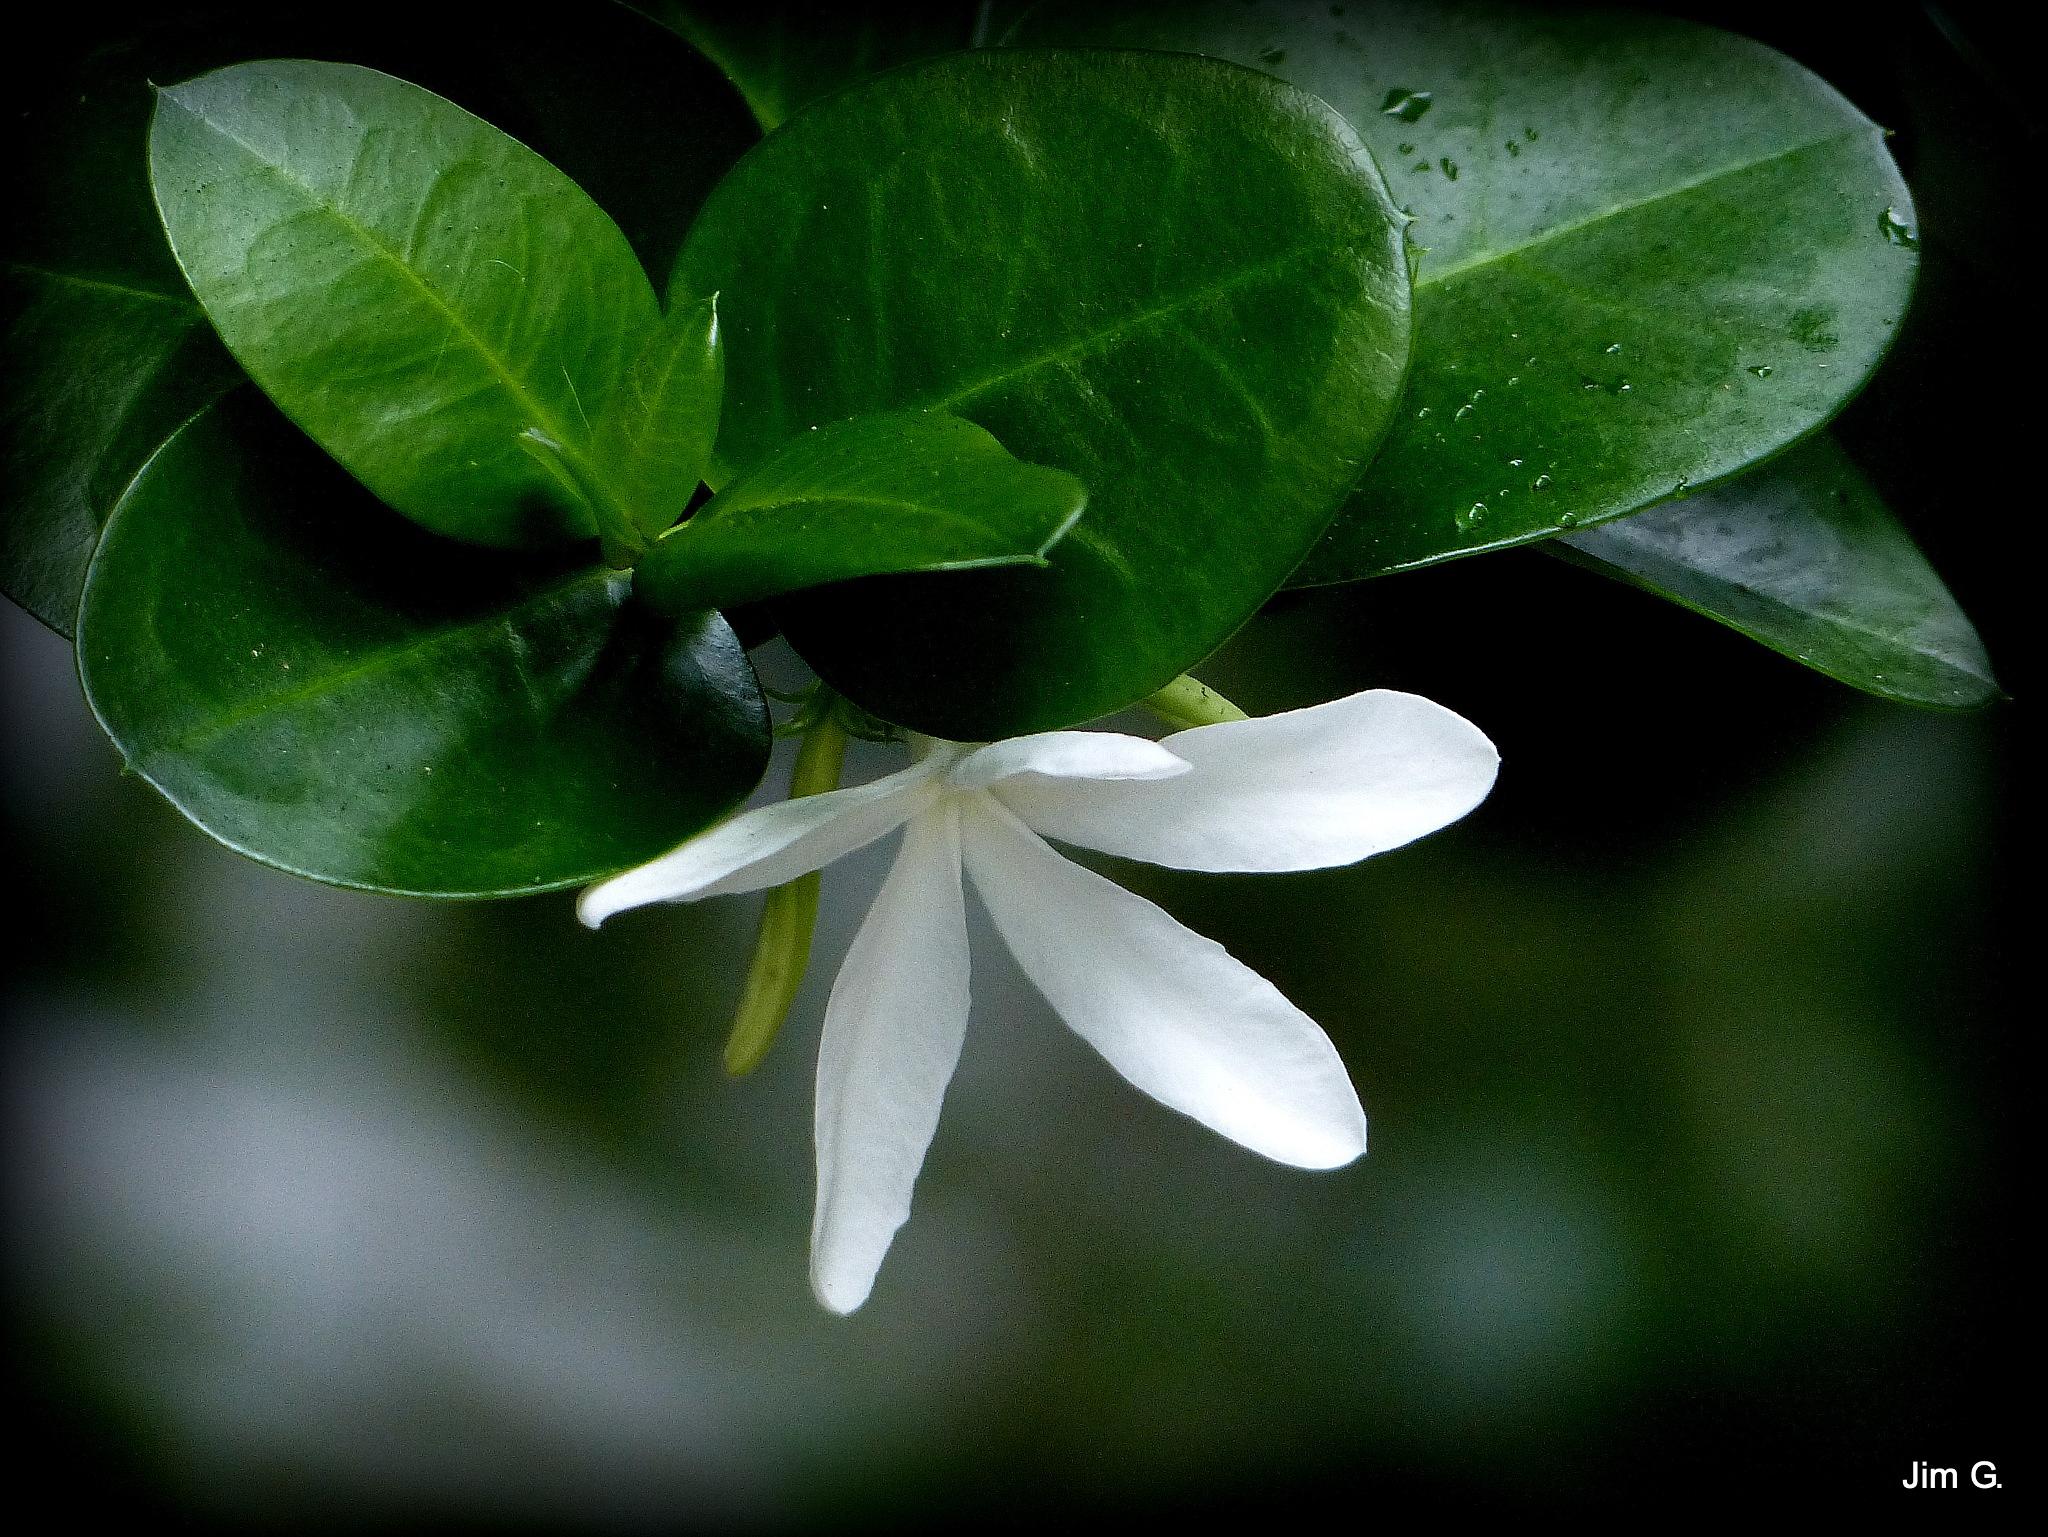 White Flower Green leaves by Jim Graham